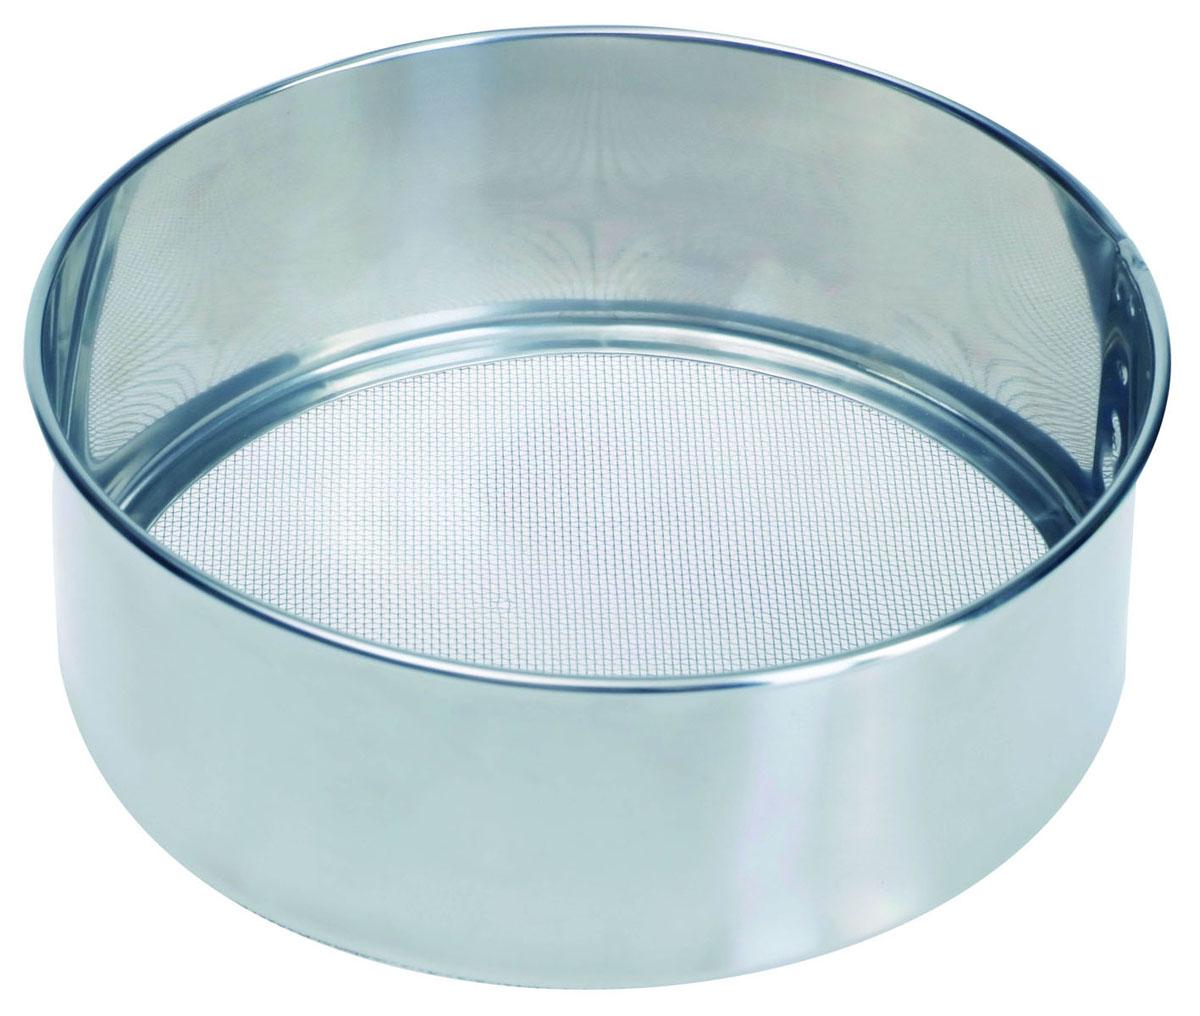 Сито Pronto. Диаметр 16 см93-PRO-32-16Сито Linea Pronto, выполненное из высококачественной нержавеющей стали, станет незаменимым аксессуаром на вашей кухне. Оно предназначено для просеивания муки и процеживания. Прочная стальная сетка и корпус обеспечивают изделию износостойкость и долговечность.Такое сито станет достойным дополнением к кухонному инвентарю. Характеристики:Материал: нержавеющая сталь.Диаметр: 16 см.Высота стенок: 5 см.Артикул: 93-PRO-32-16.